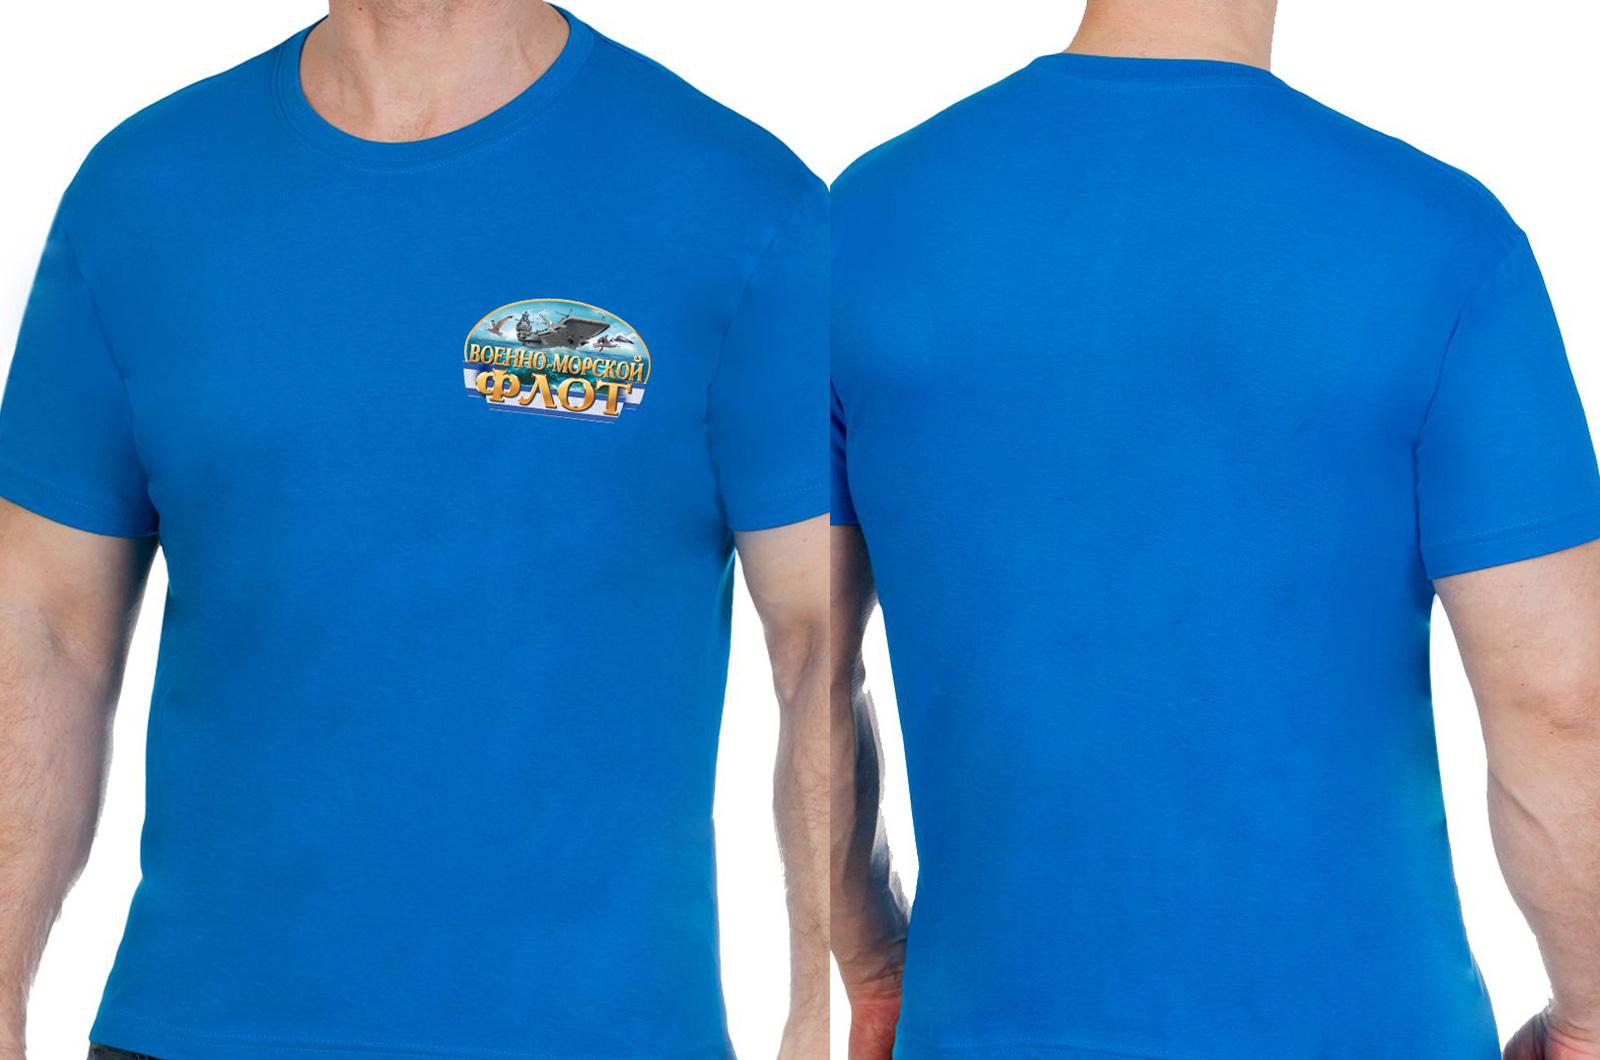 Крутая футболка Военно-морской флот - заказать онлайн